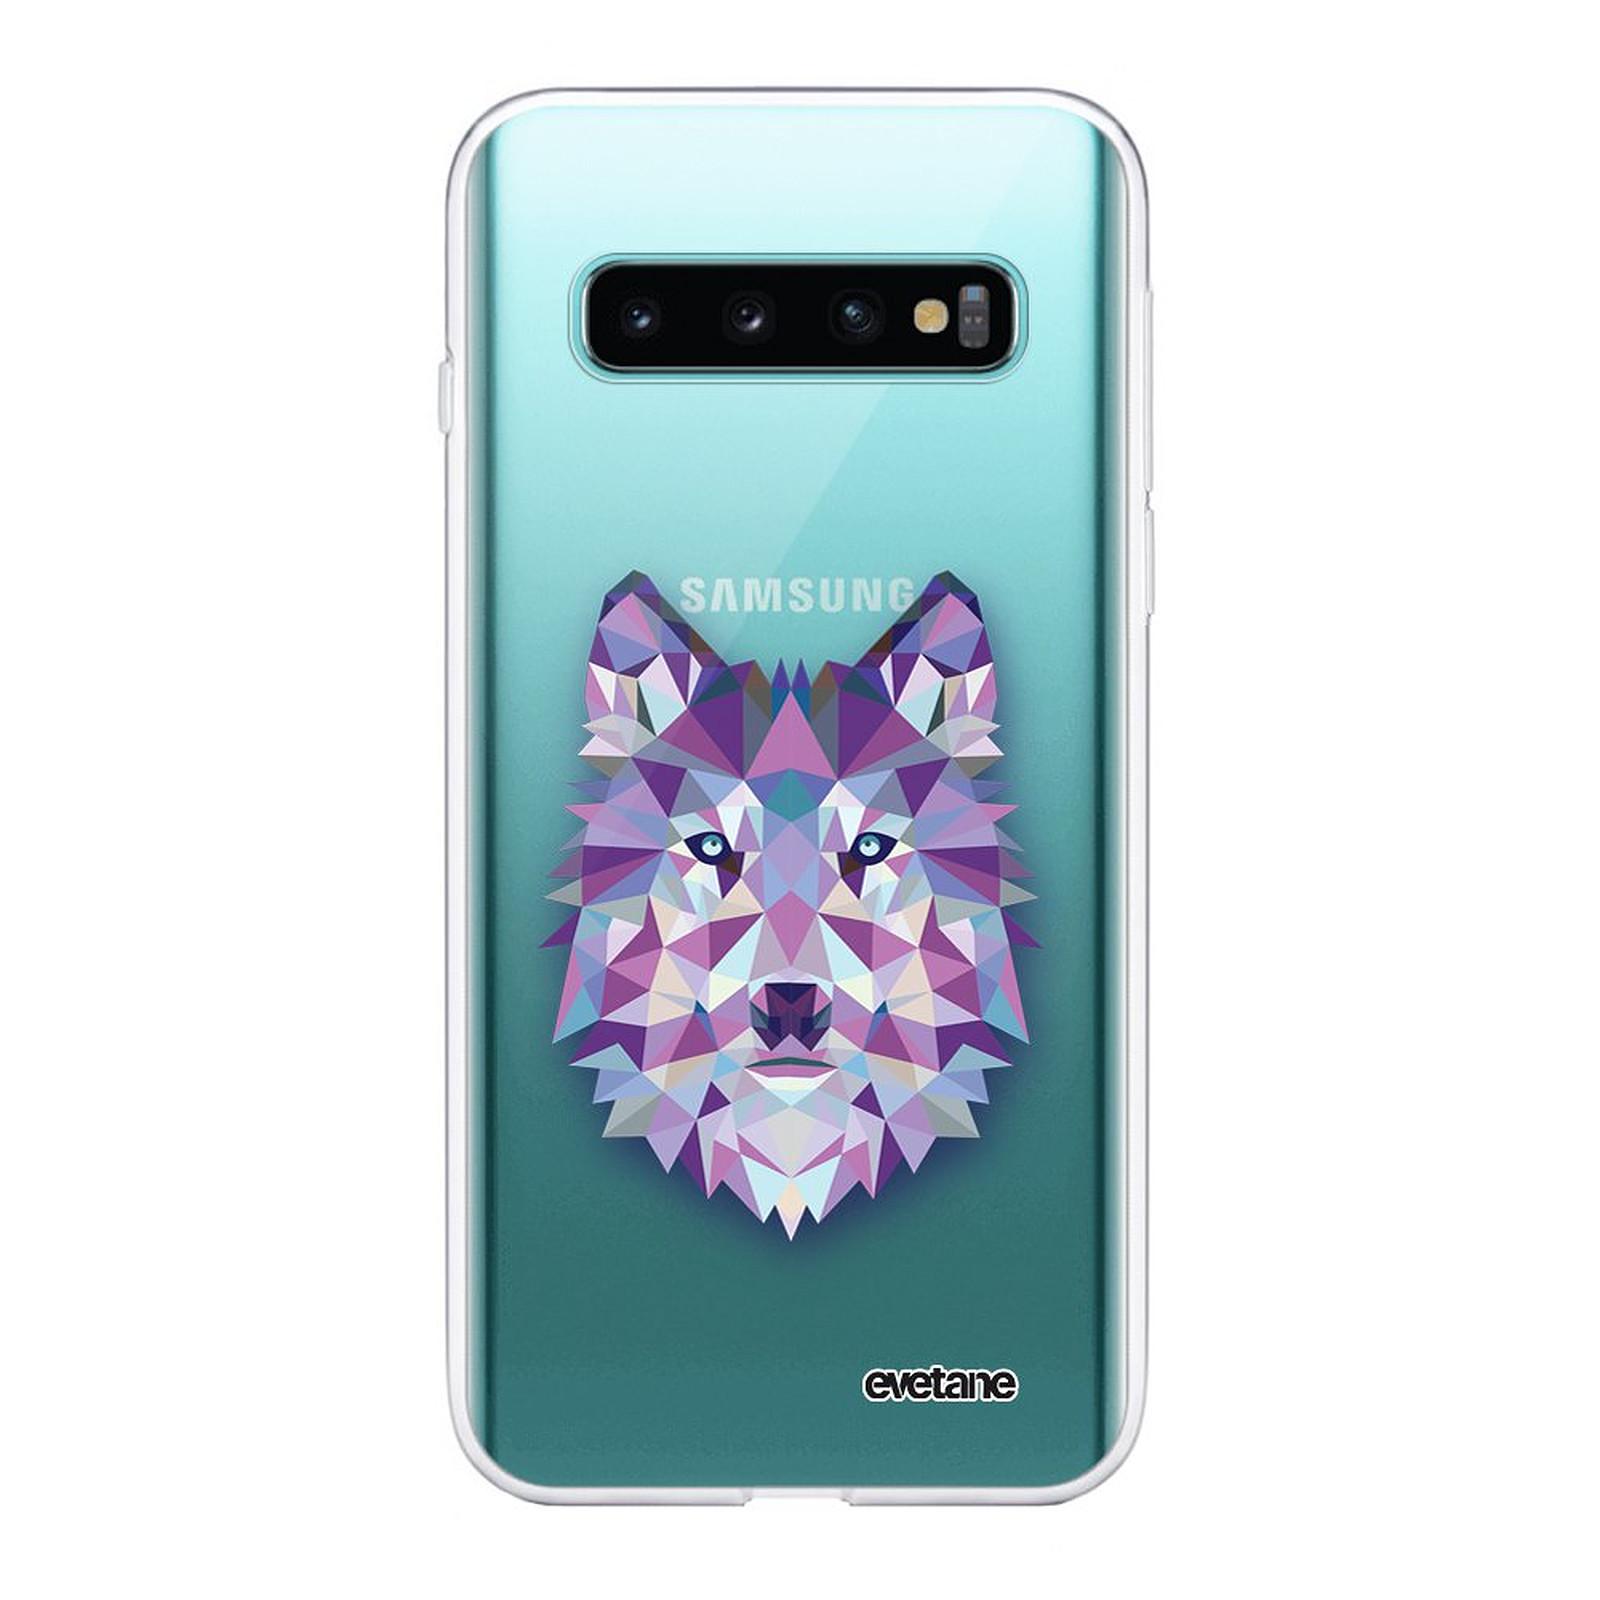 EVETANE Coque Samsung Galaxy S10 Plus 360 intégrale transparente Loup geometrique Tendance - Coque téléphone Evetane sur LDLC